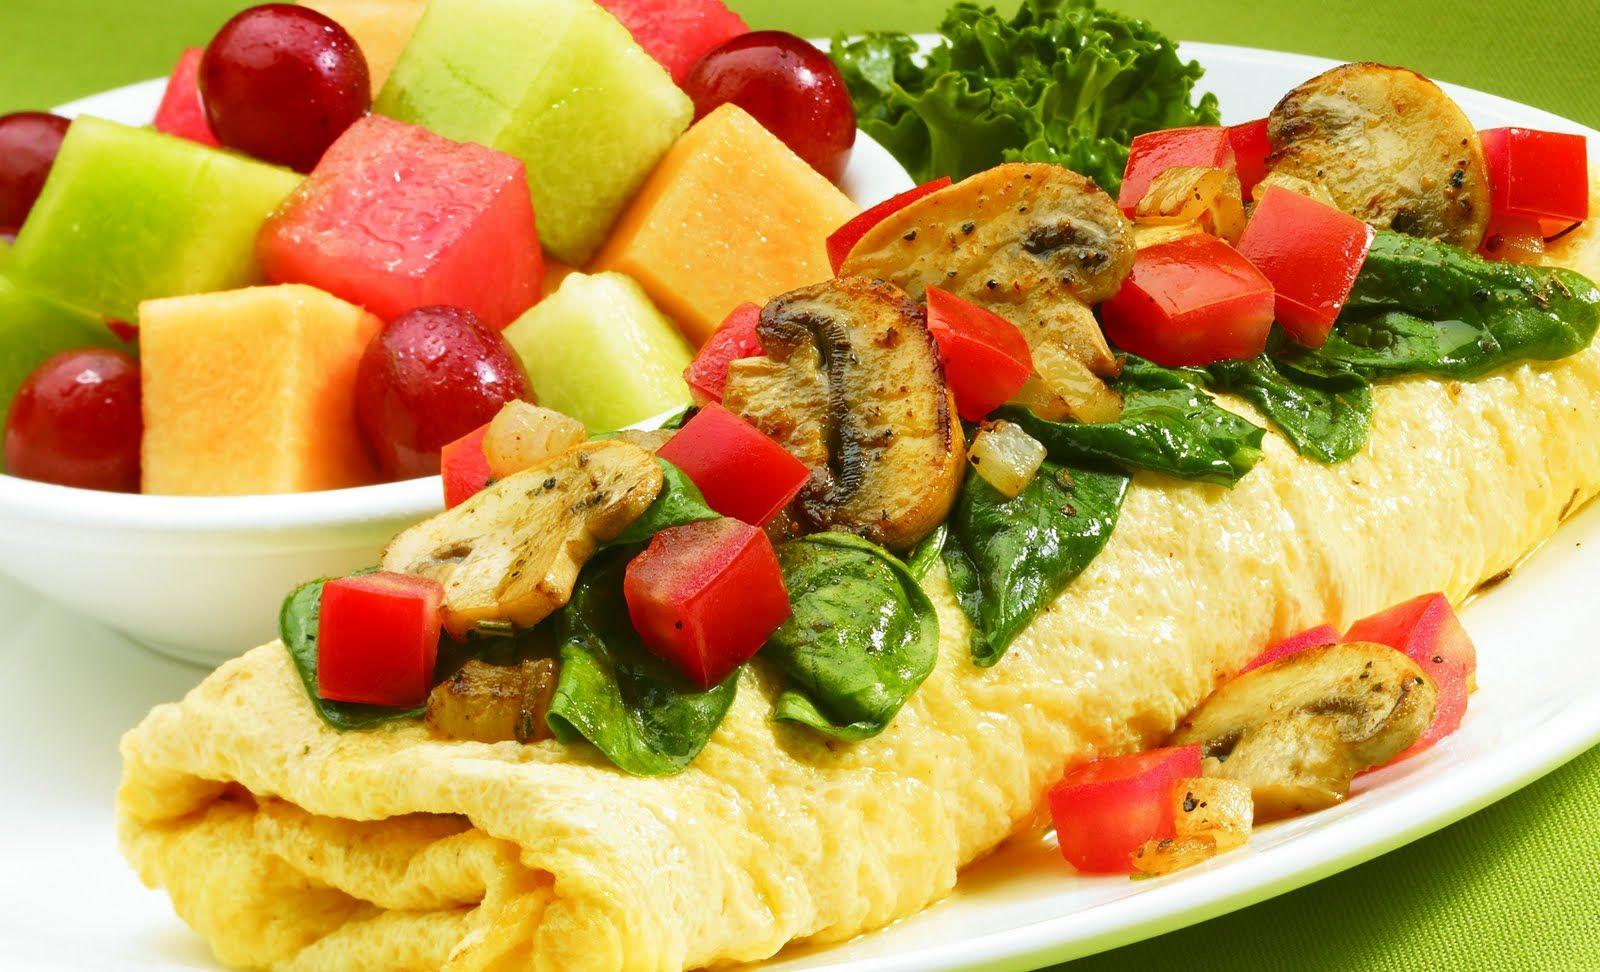 denny's fit fare Google Search Recipes, Healthy menu